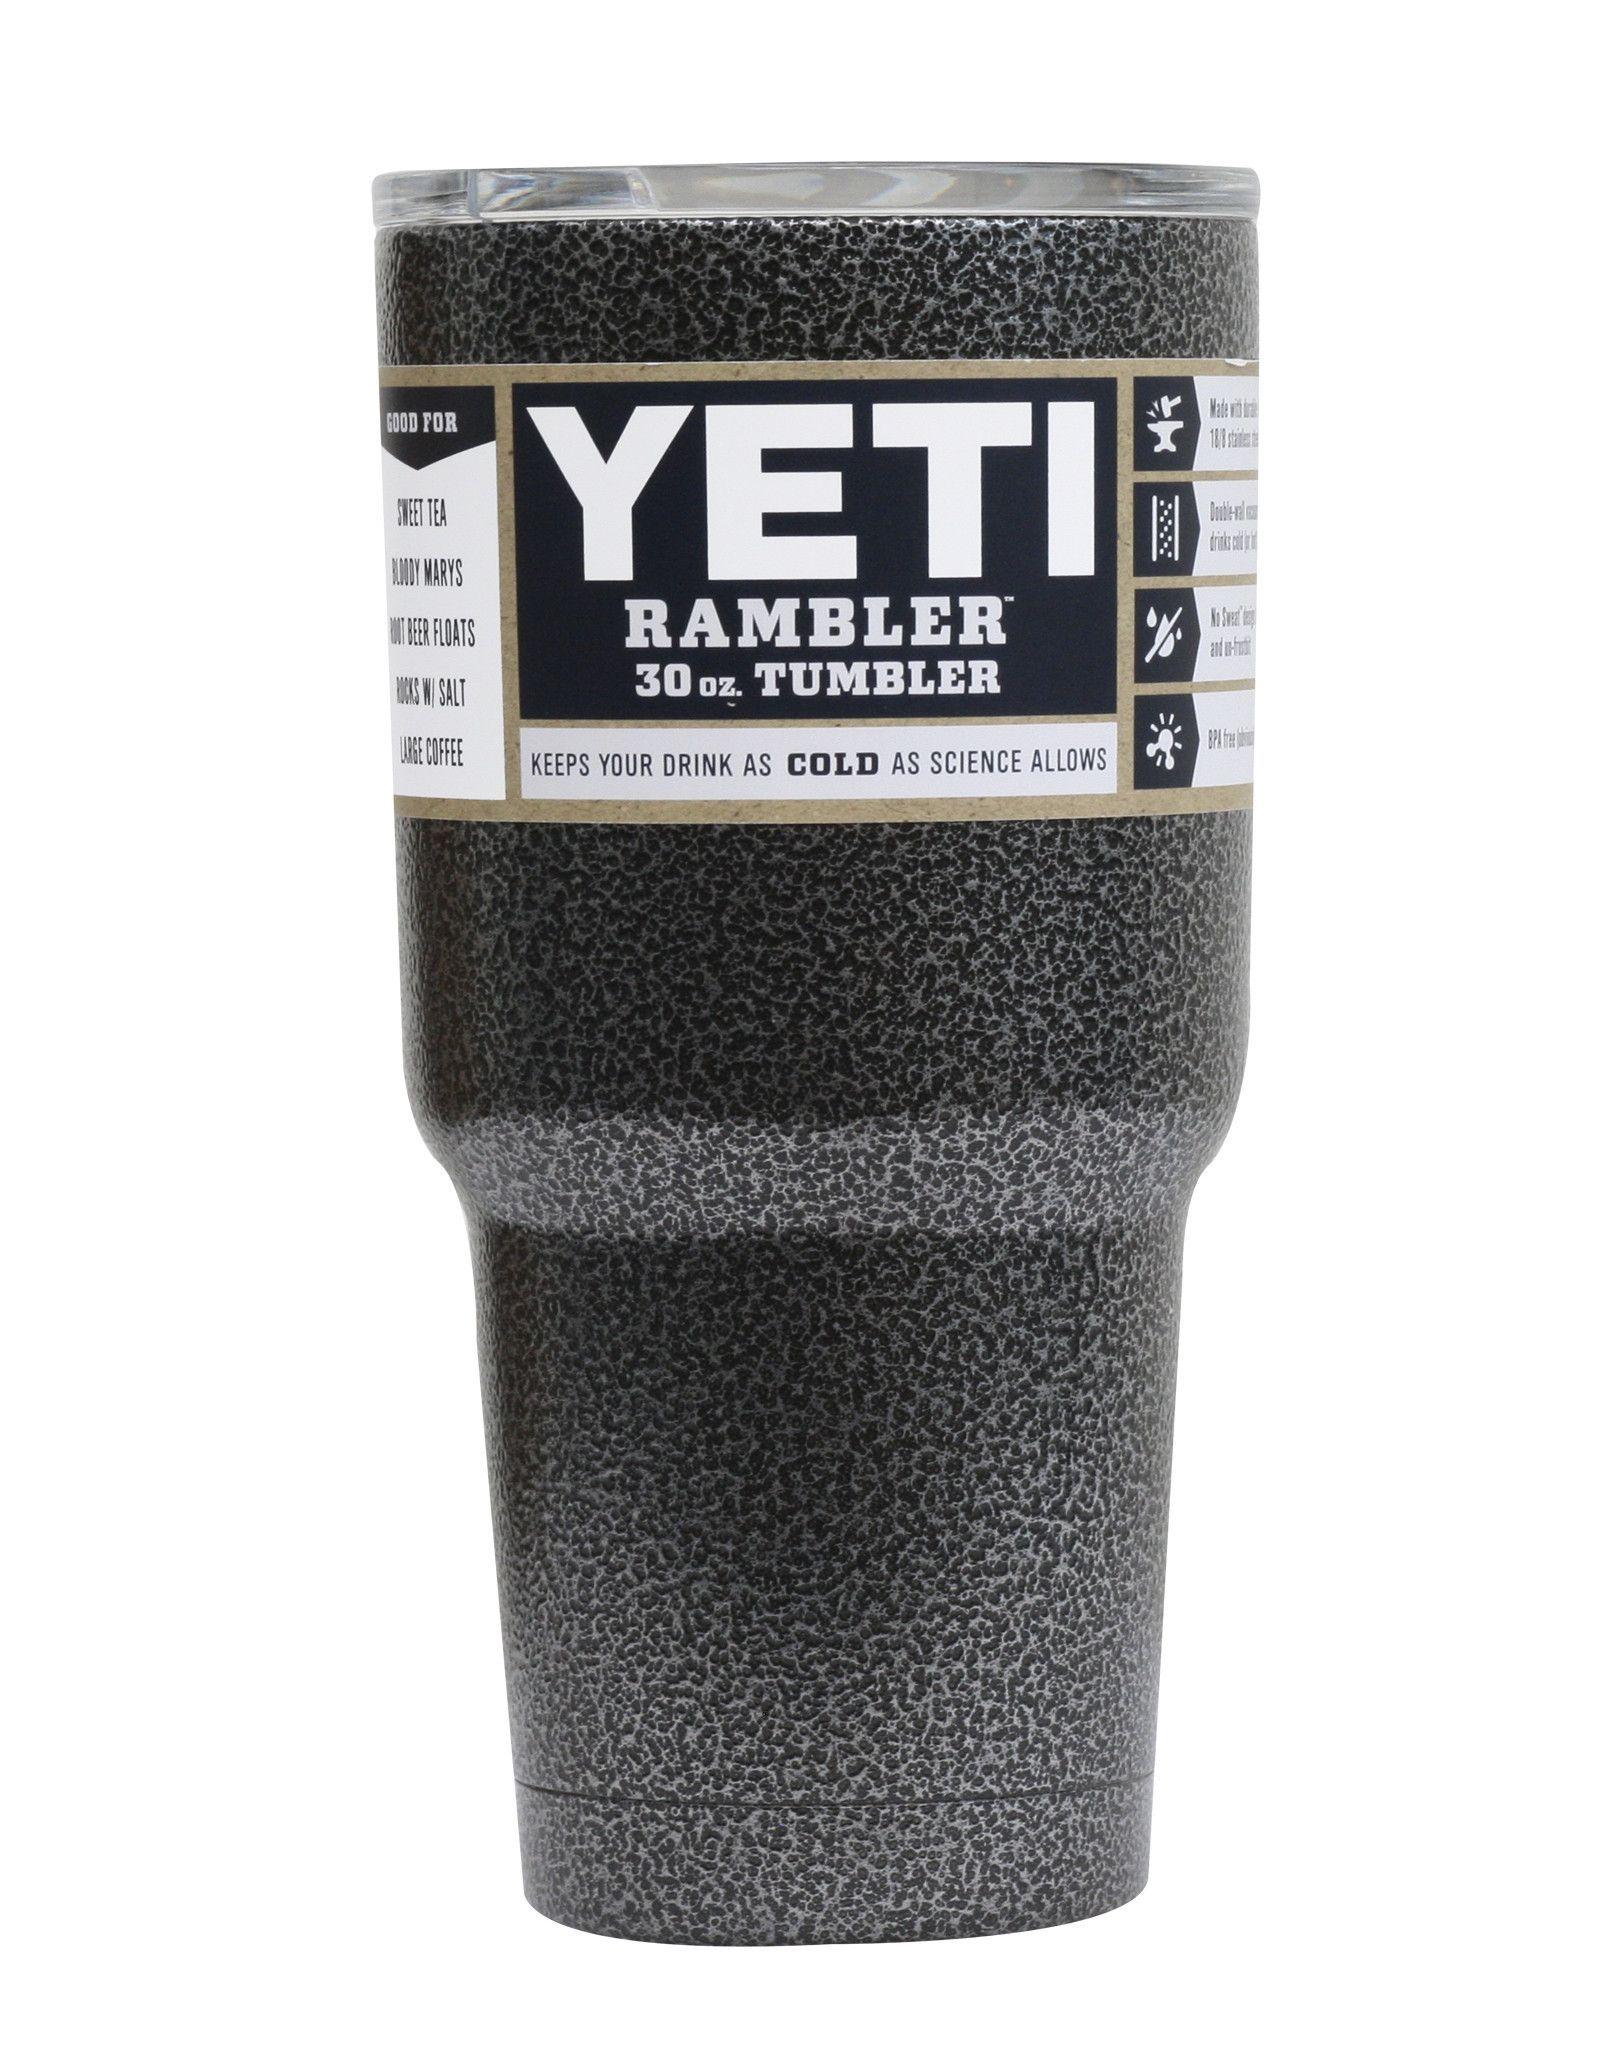 Black Vein Yeti 30 oz Rambler Tumbler Yeti 30 oz rambler